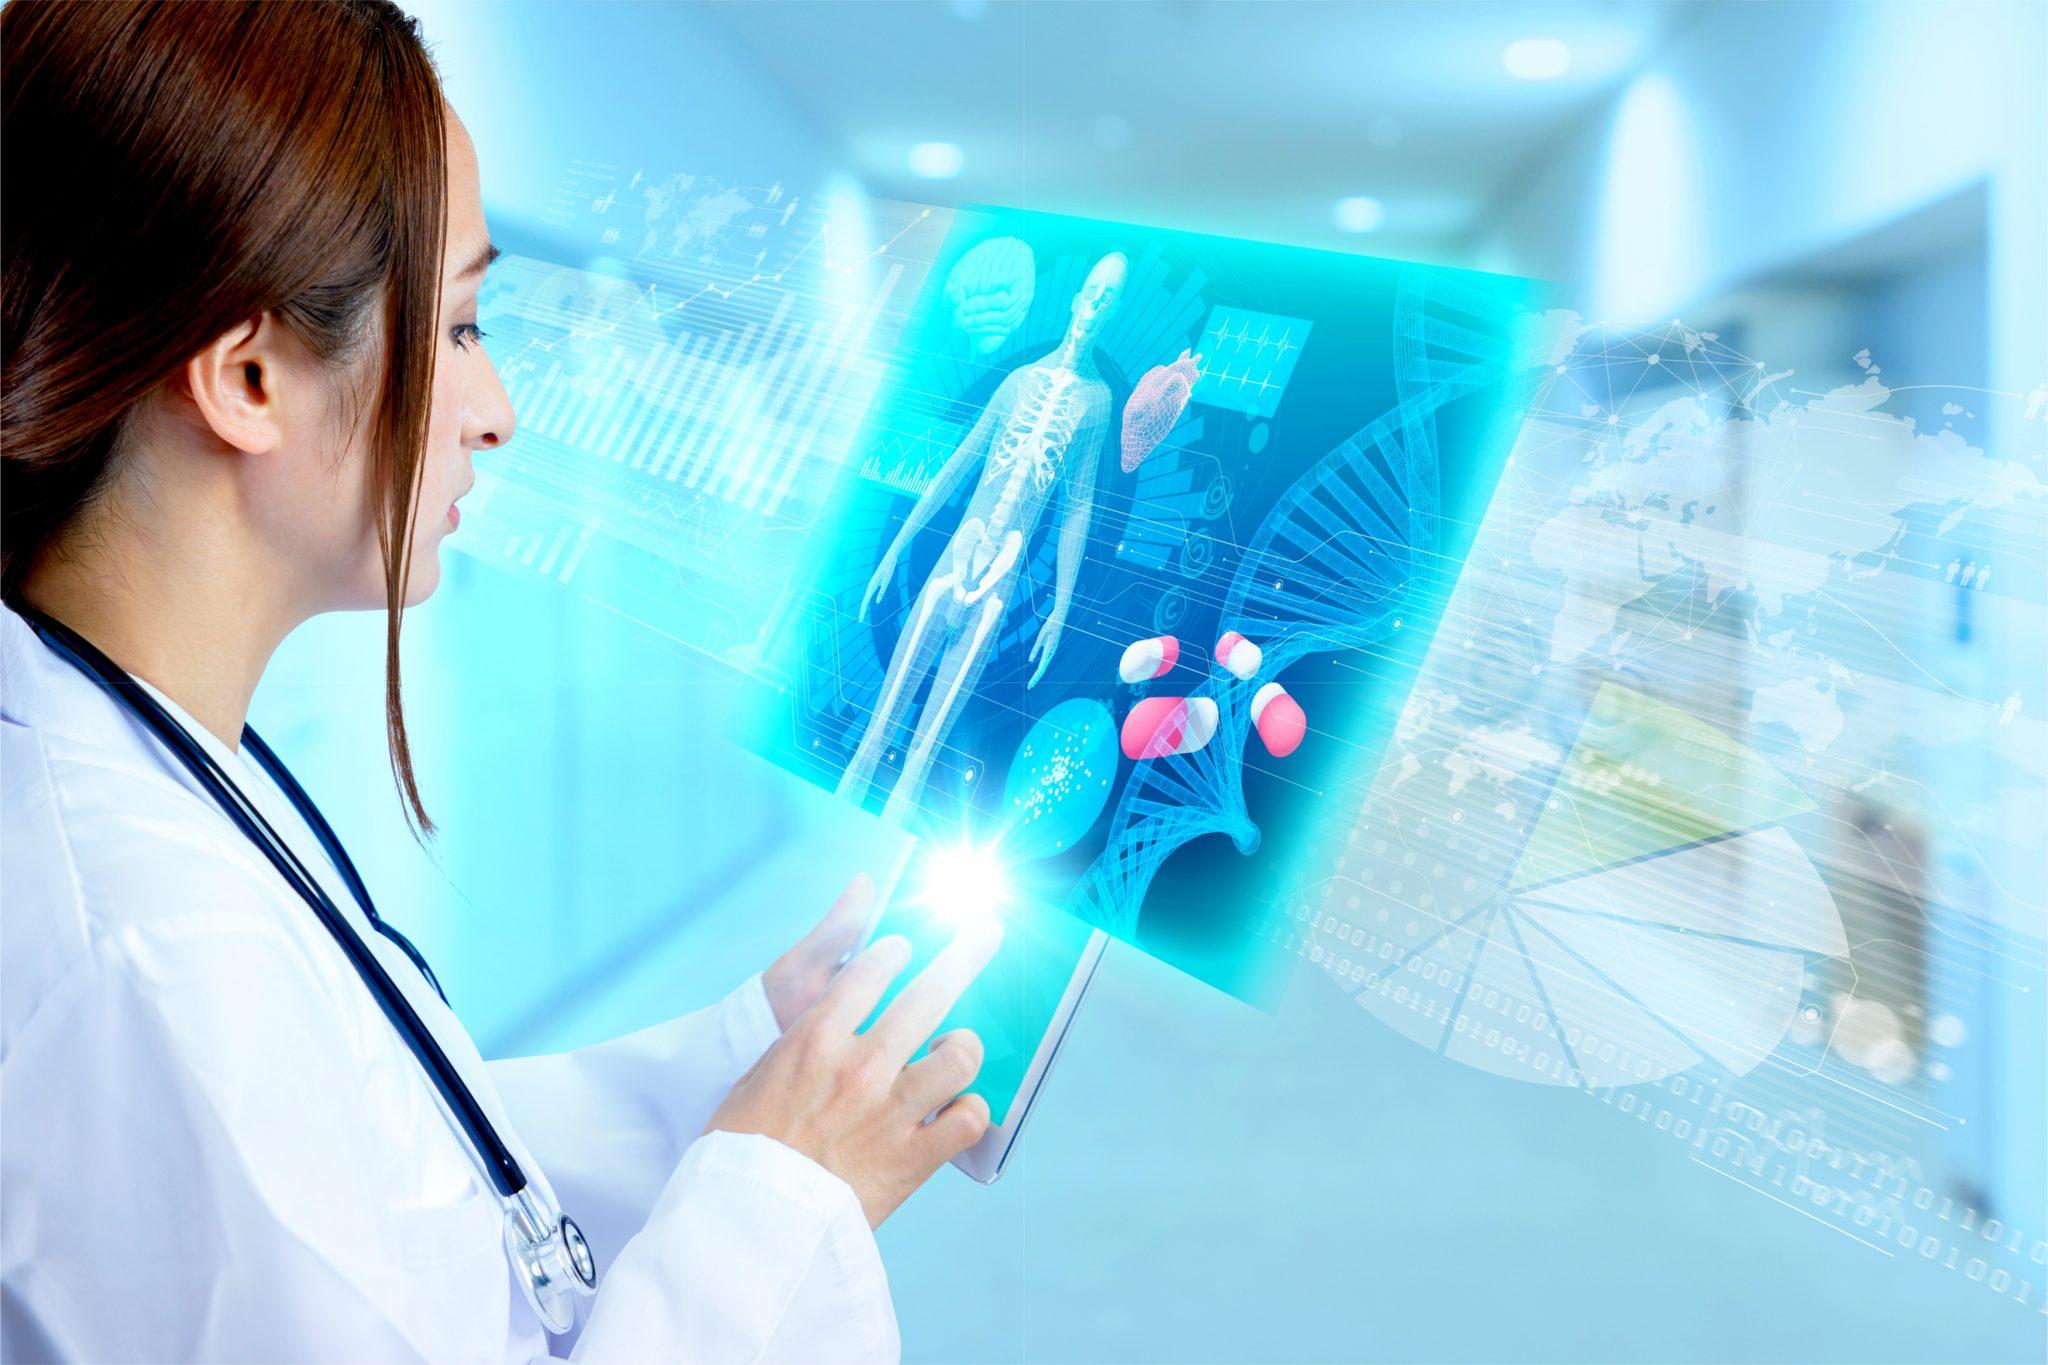 患者の電子カルテを見ている女医